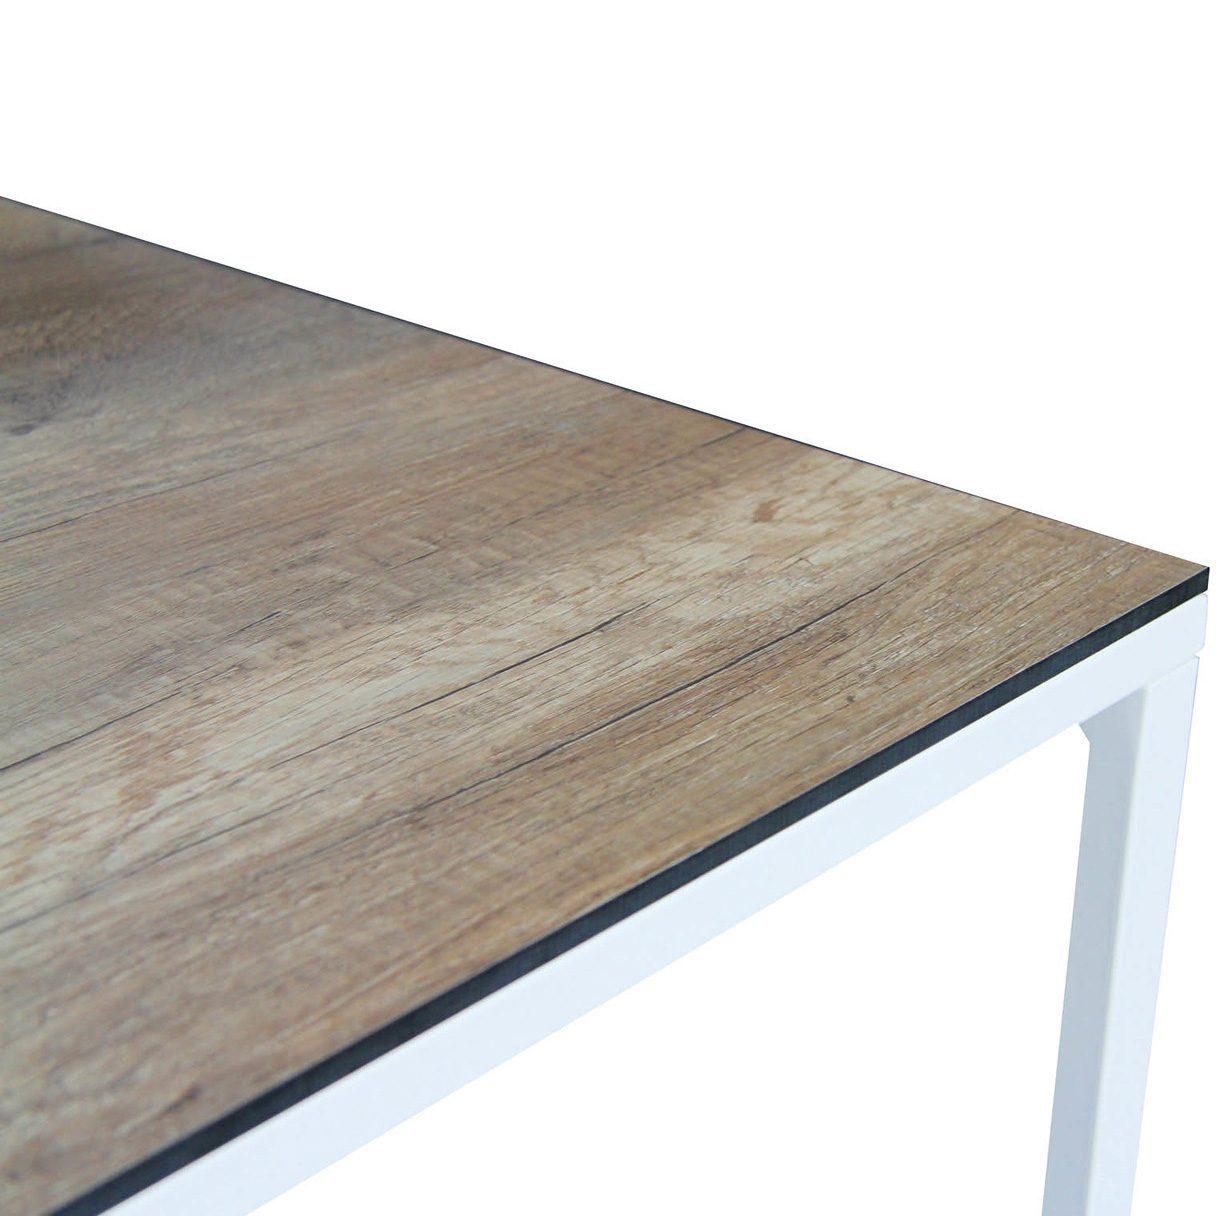 Talance-bordsskiva i naturfärg från Brafab.